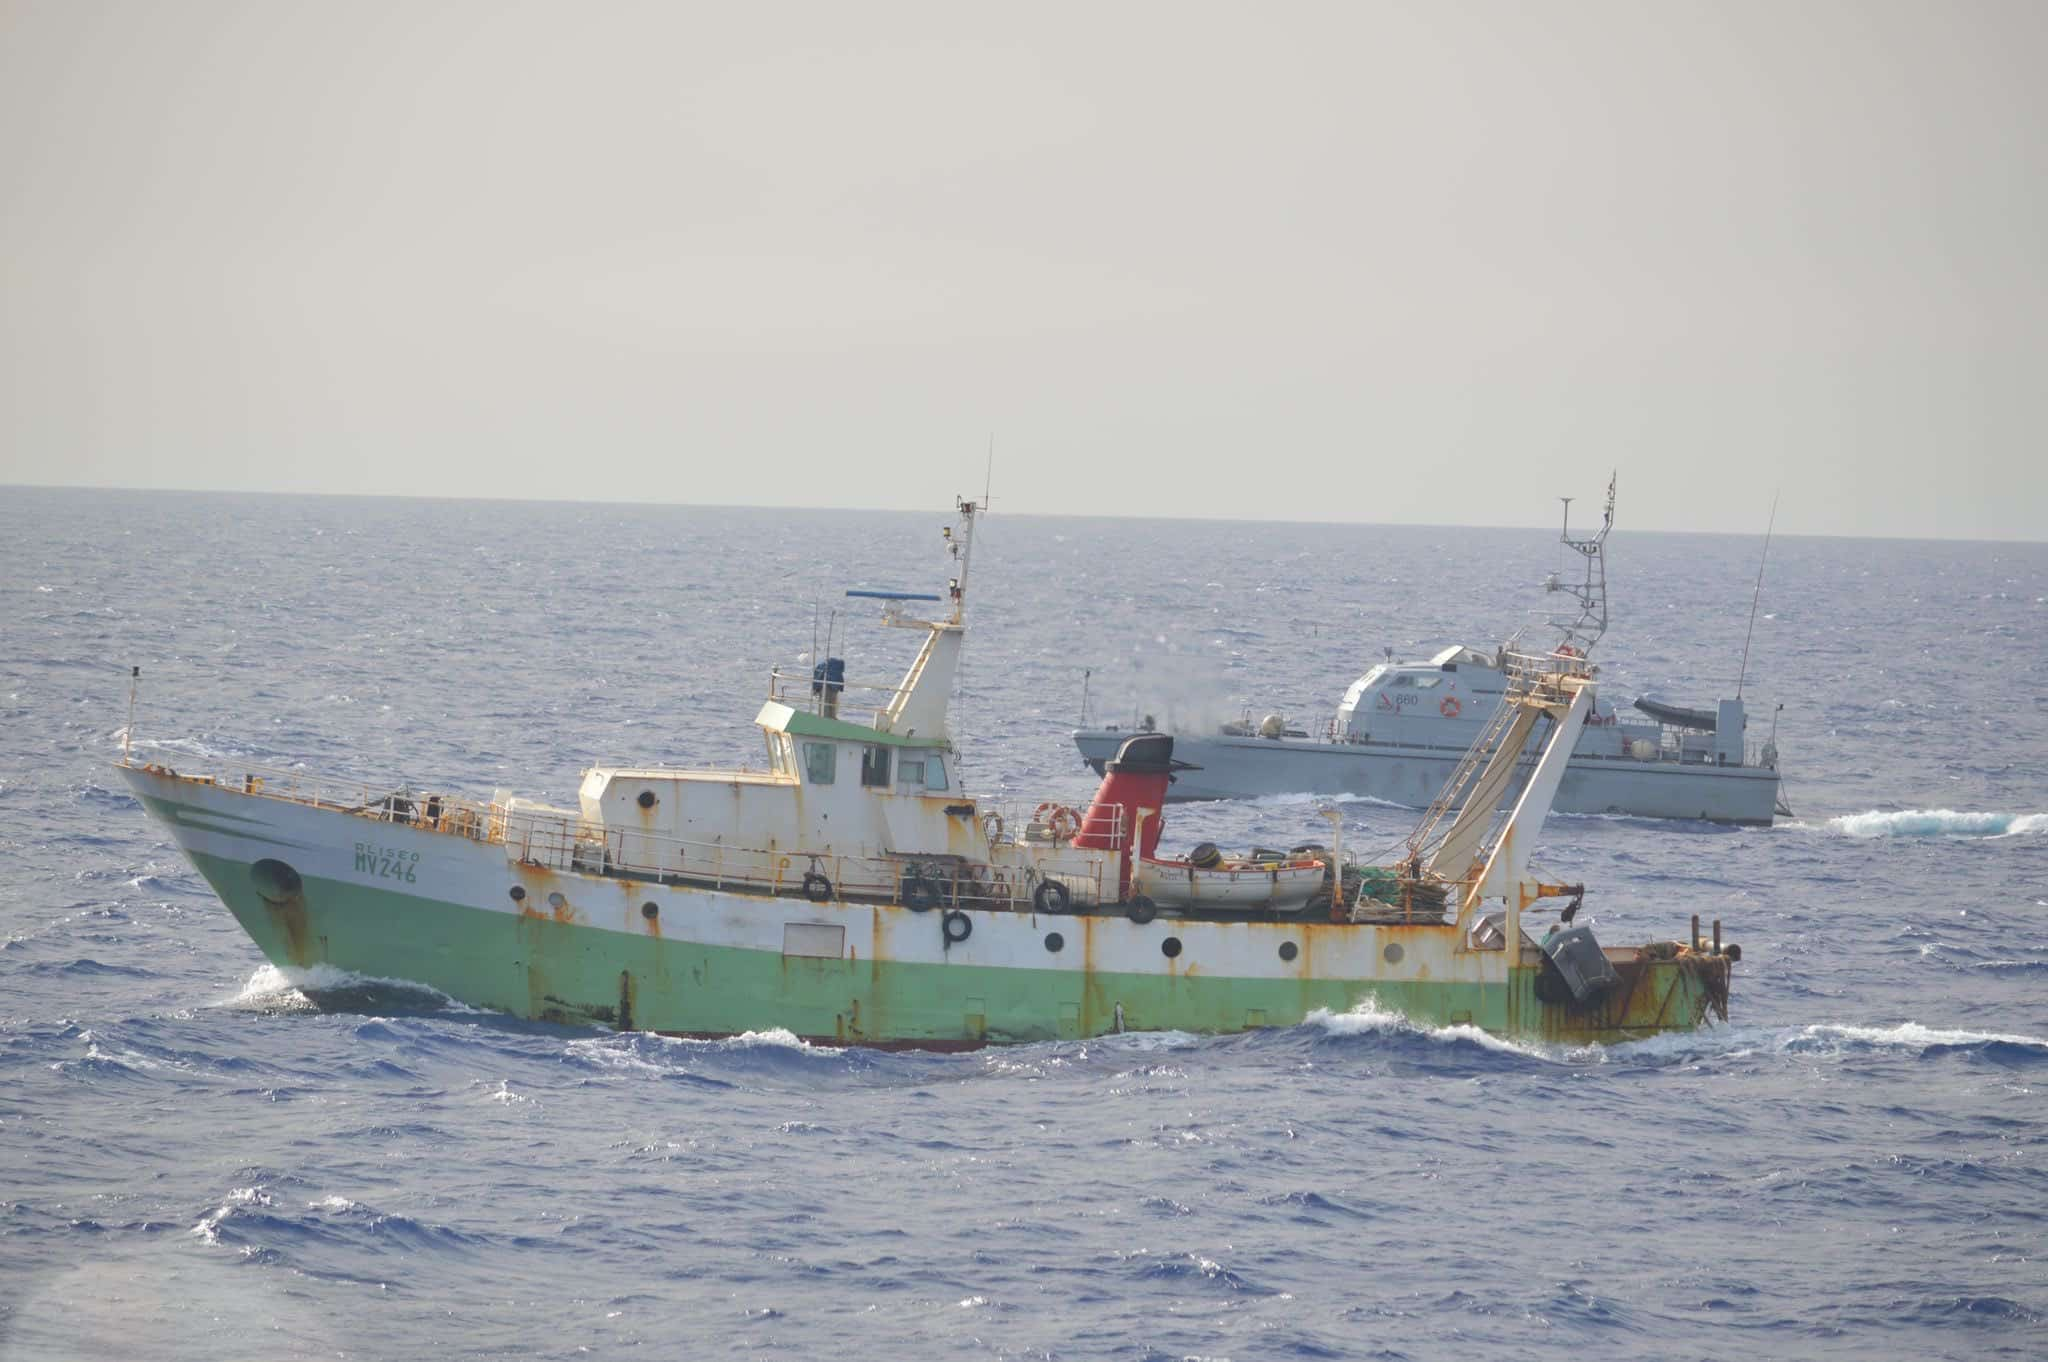 """Attacco a peschereccio siciliano, il racconto choc e la rabbia di Musumeci: """"Pochi centimetri e ci avrebbero uccisi"""""""